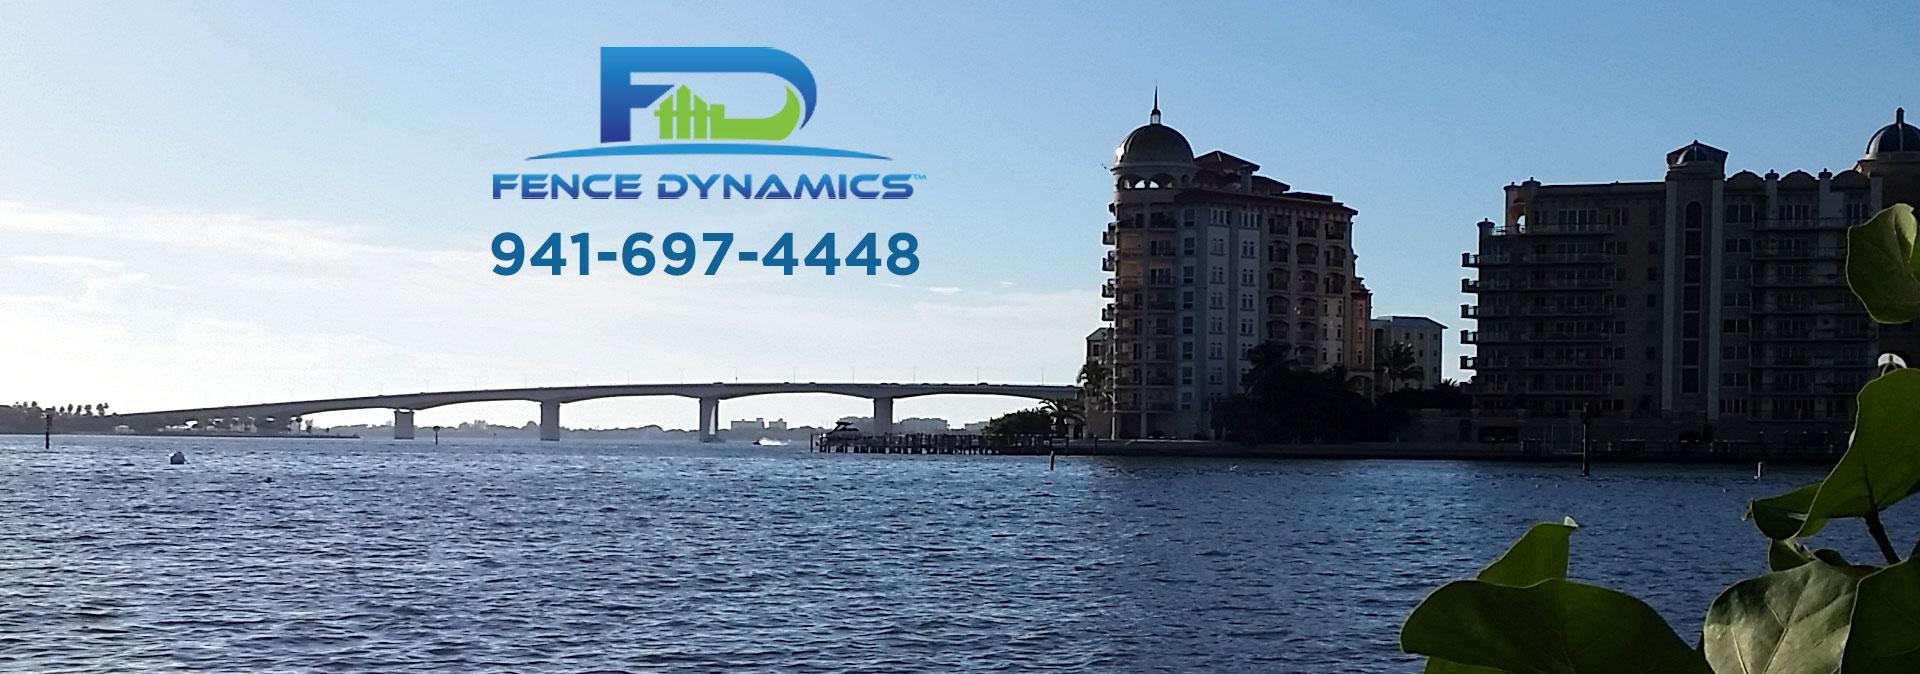 Fence Dynamics - Sarasota